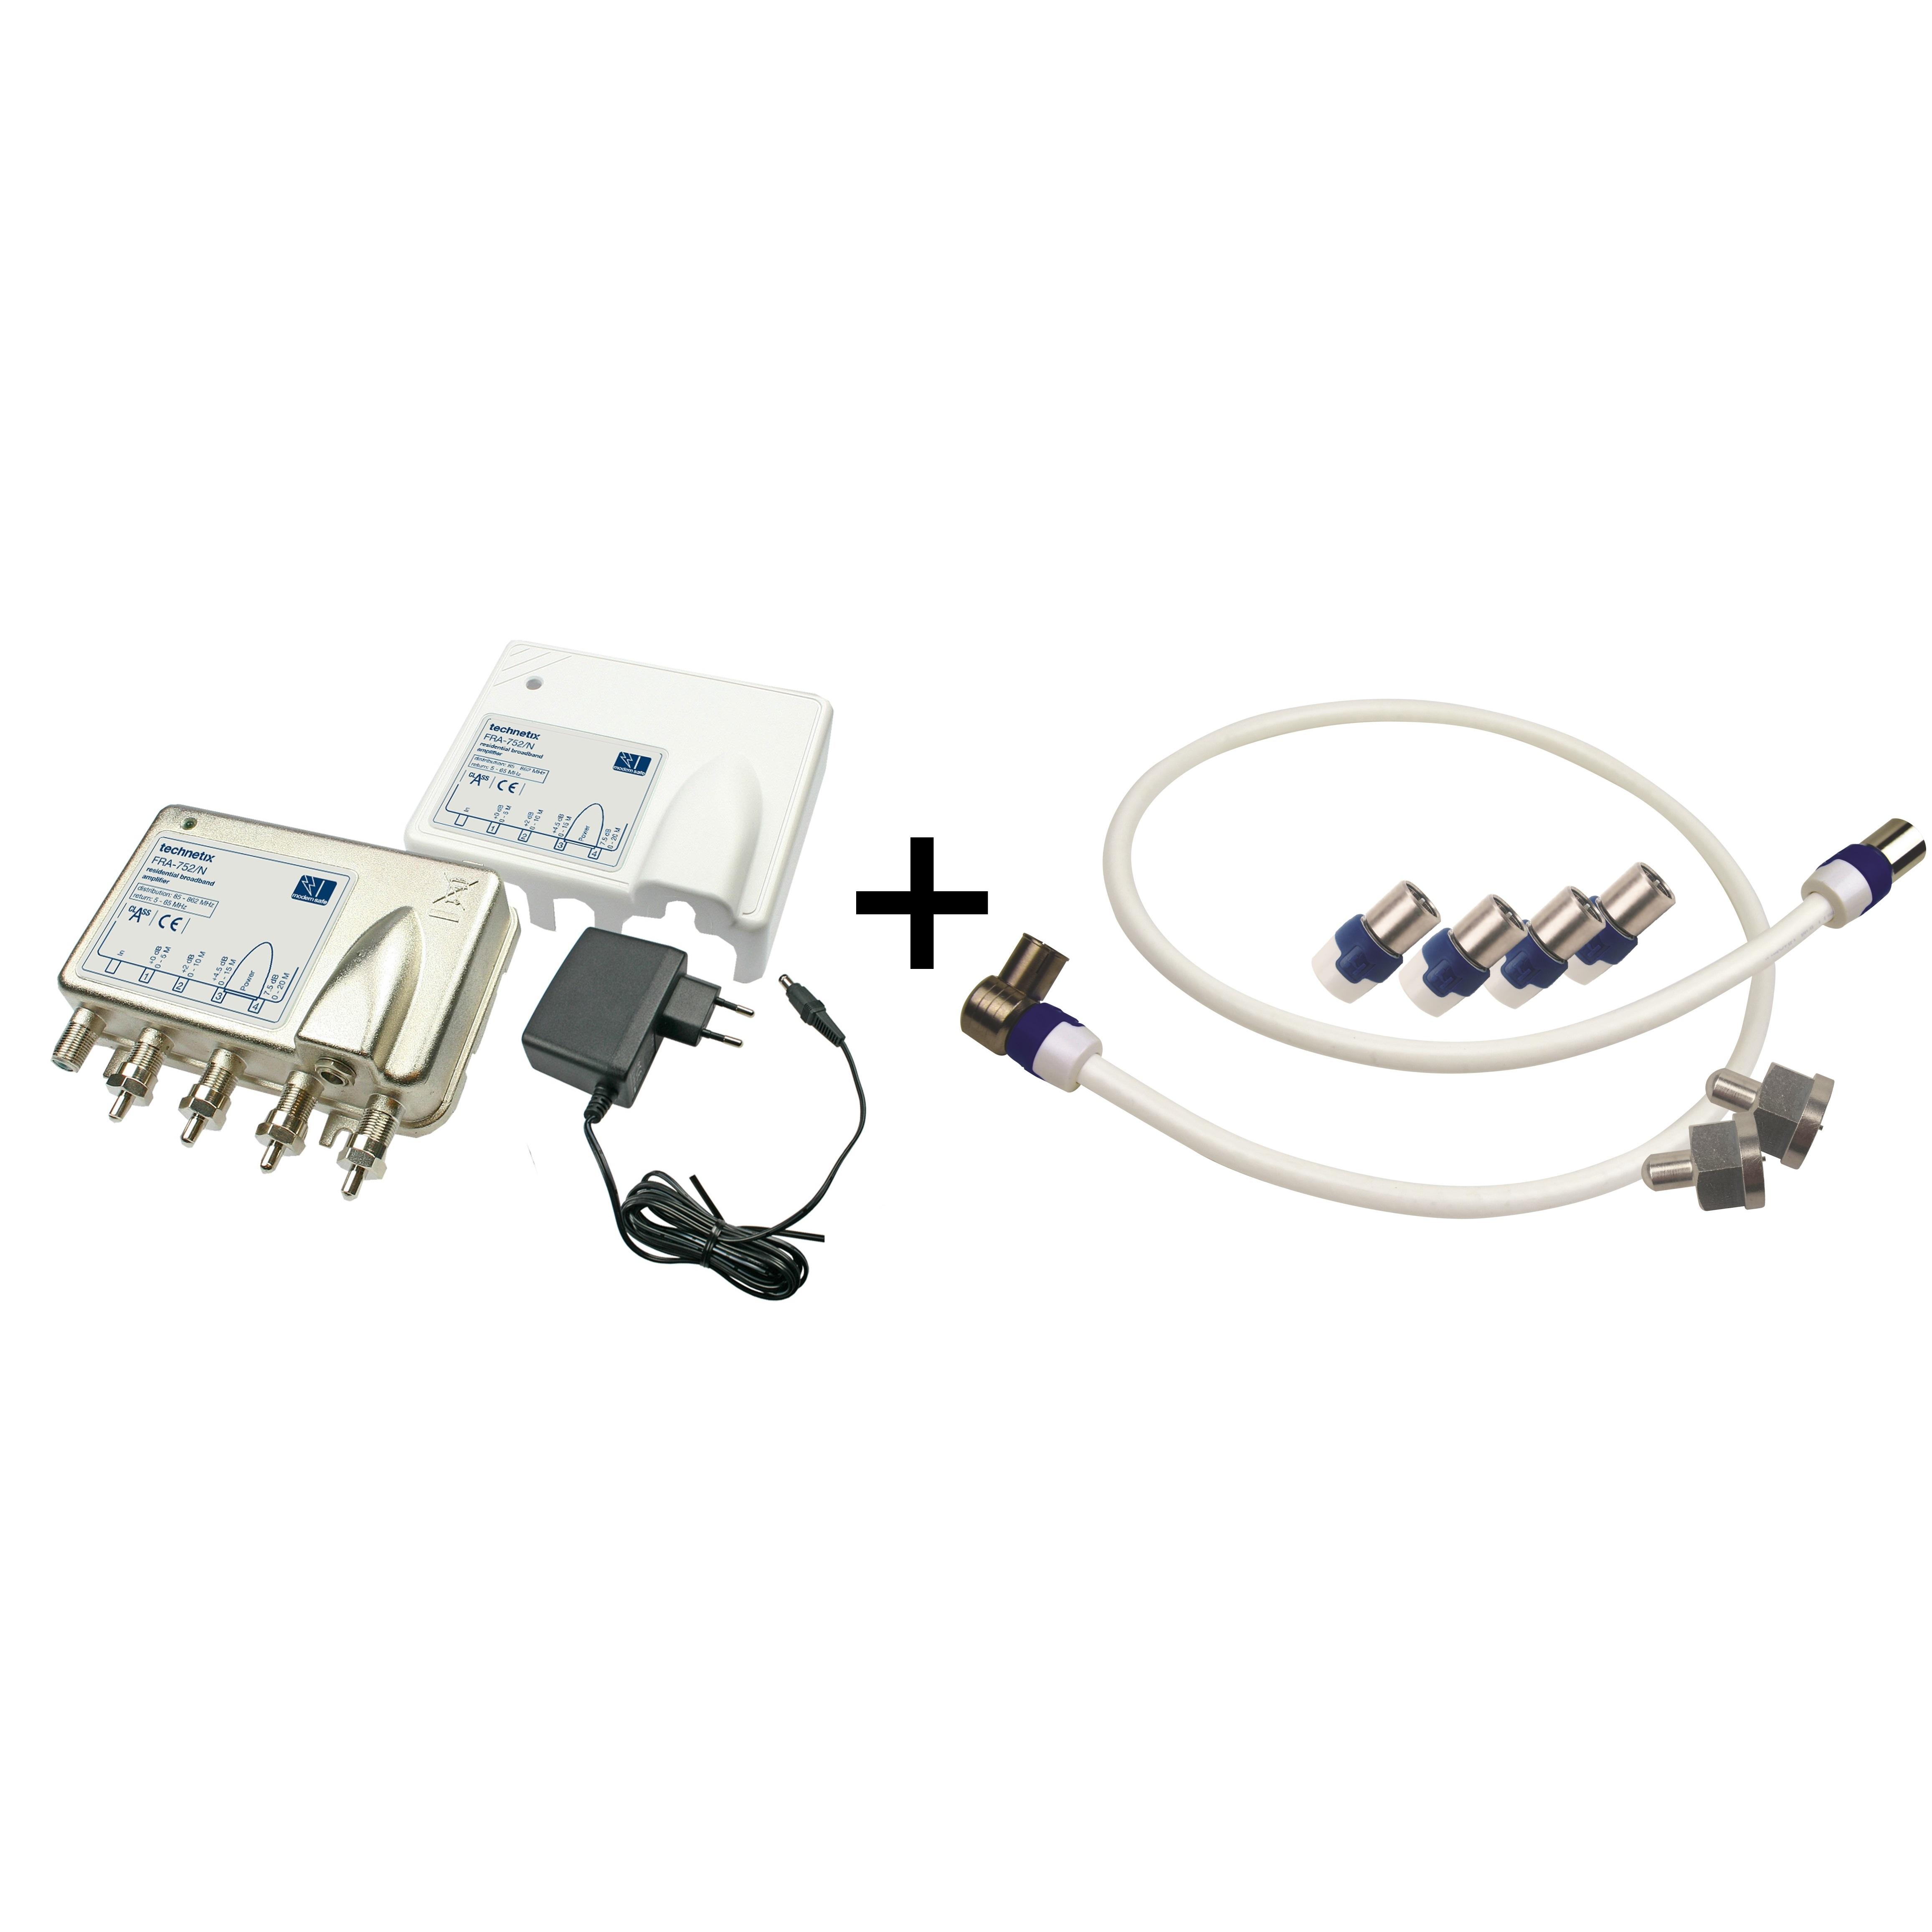 Technetix FRA-752N + Hirschmann SET 4114